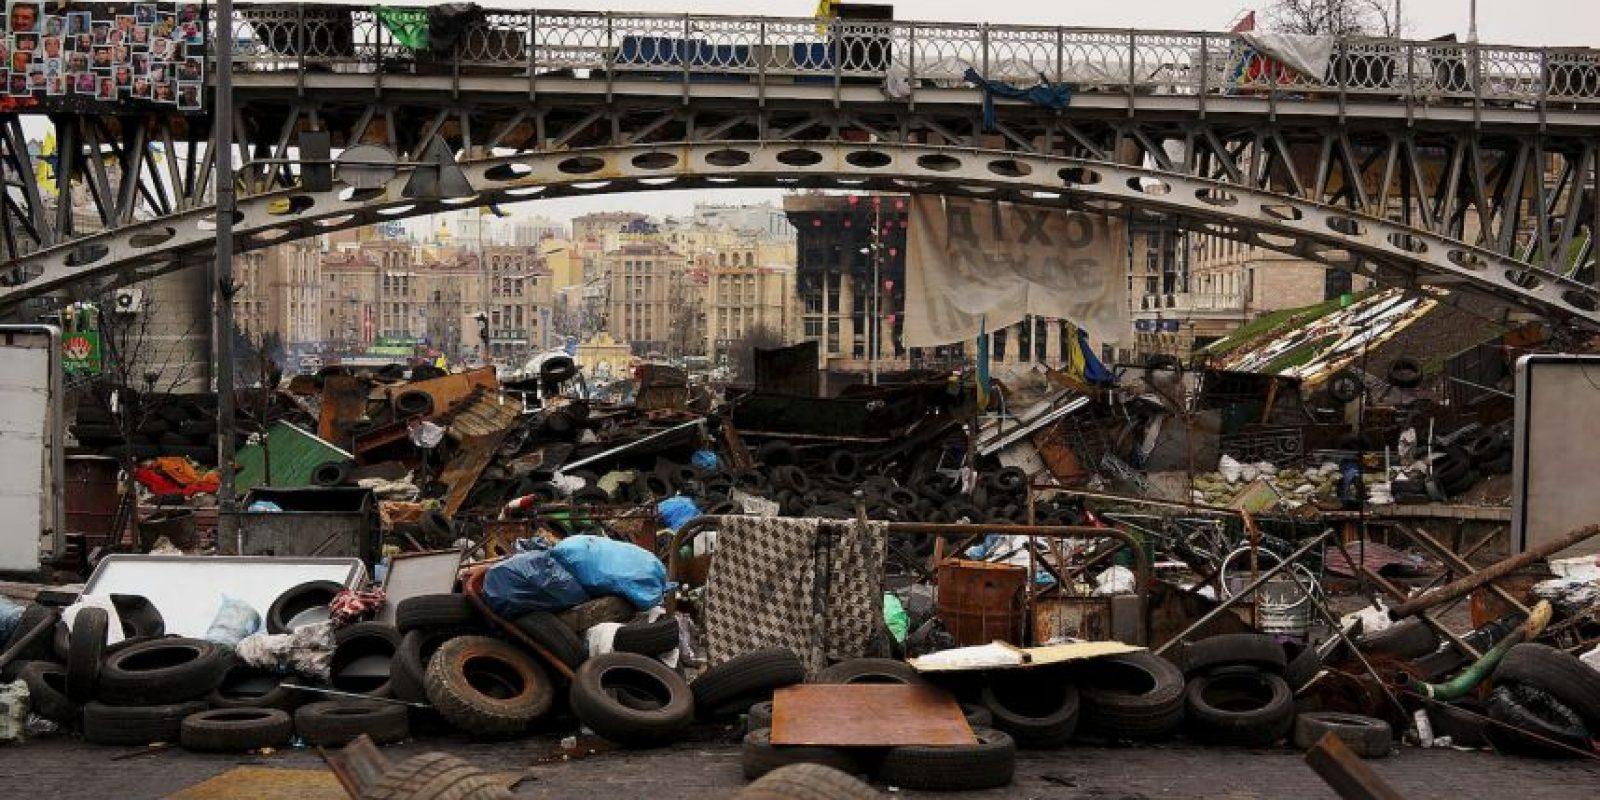 El conflicto ucraniano aún no parece terminar. Foto:Getty Images